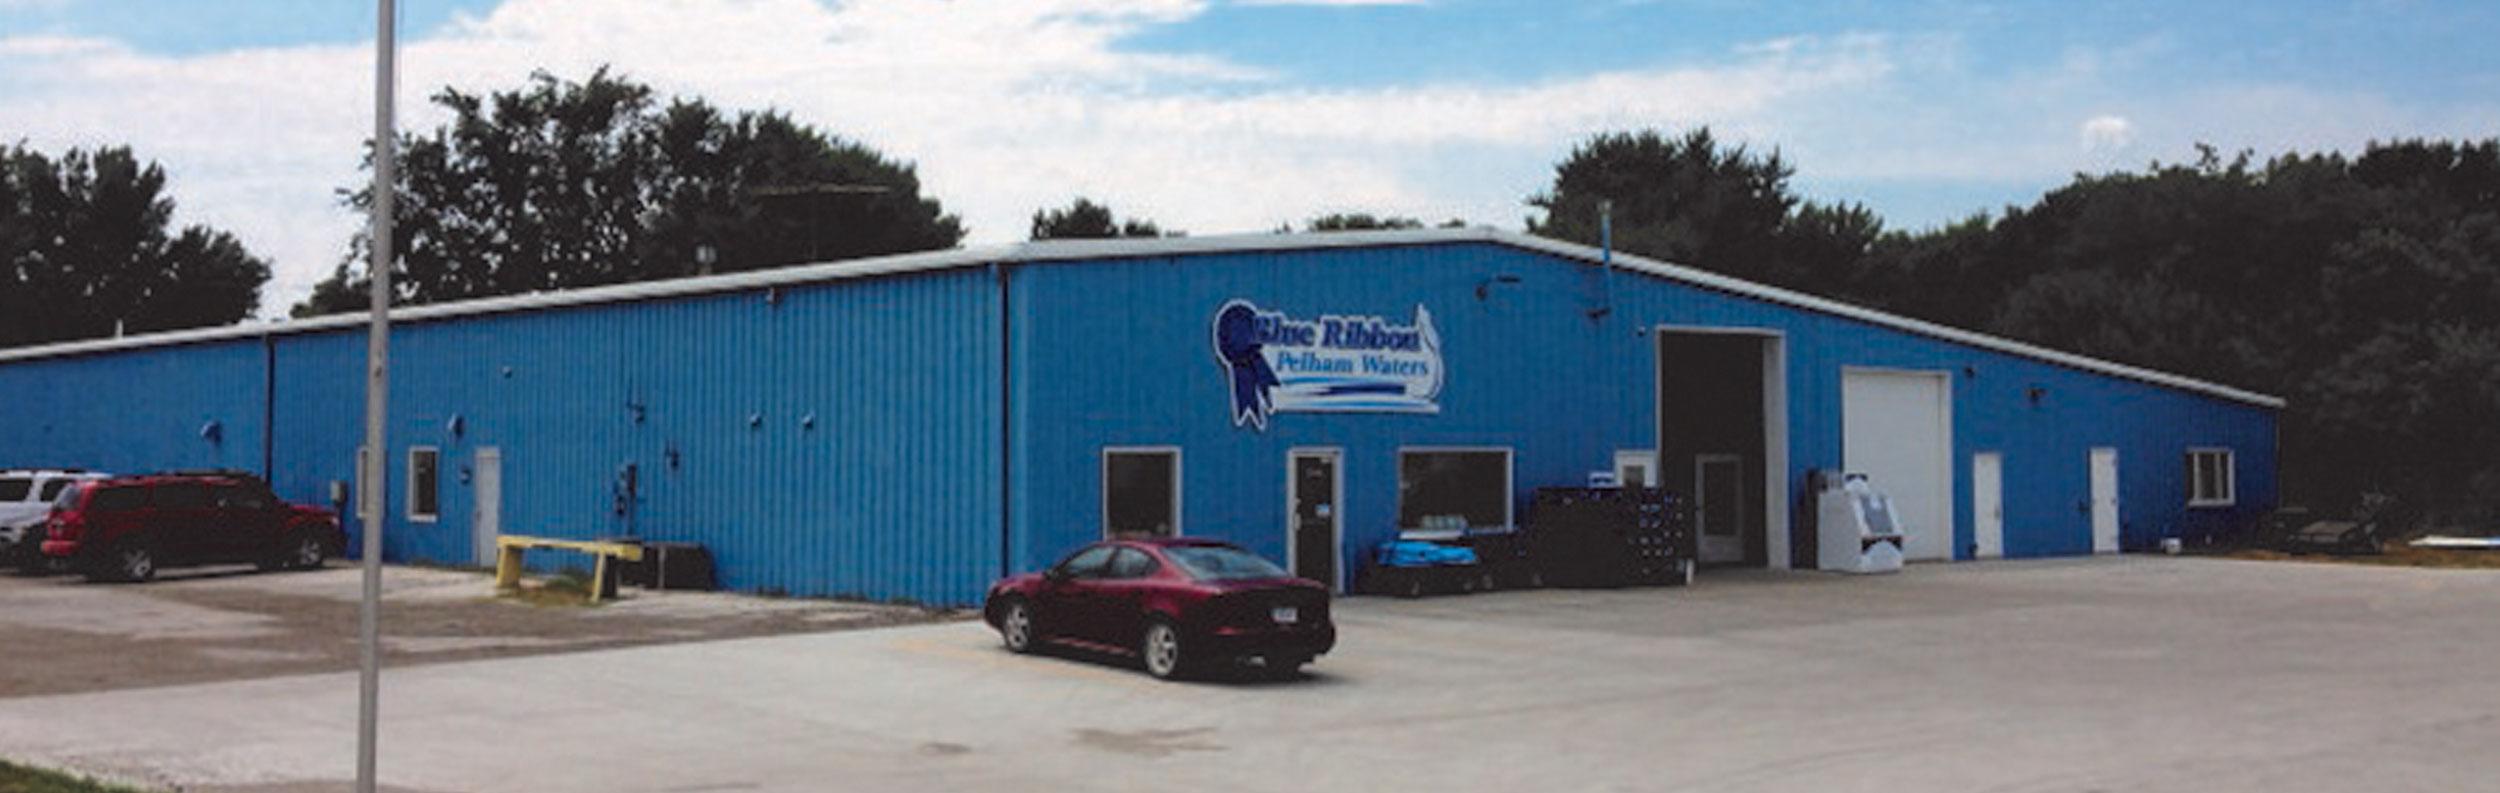 Board Member Spotlight: Blue Ribbon Pelham Waters